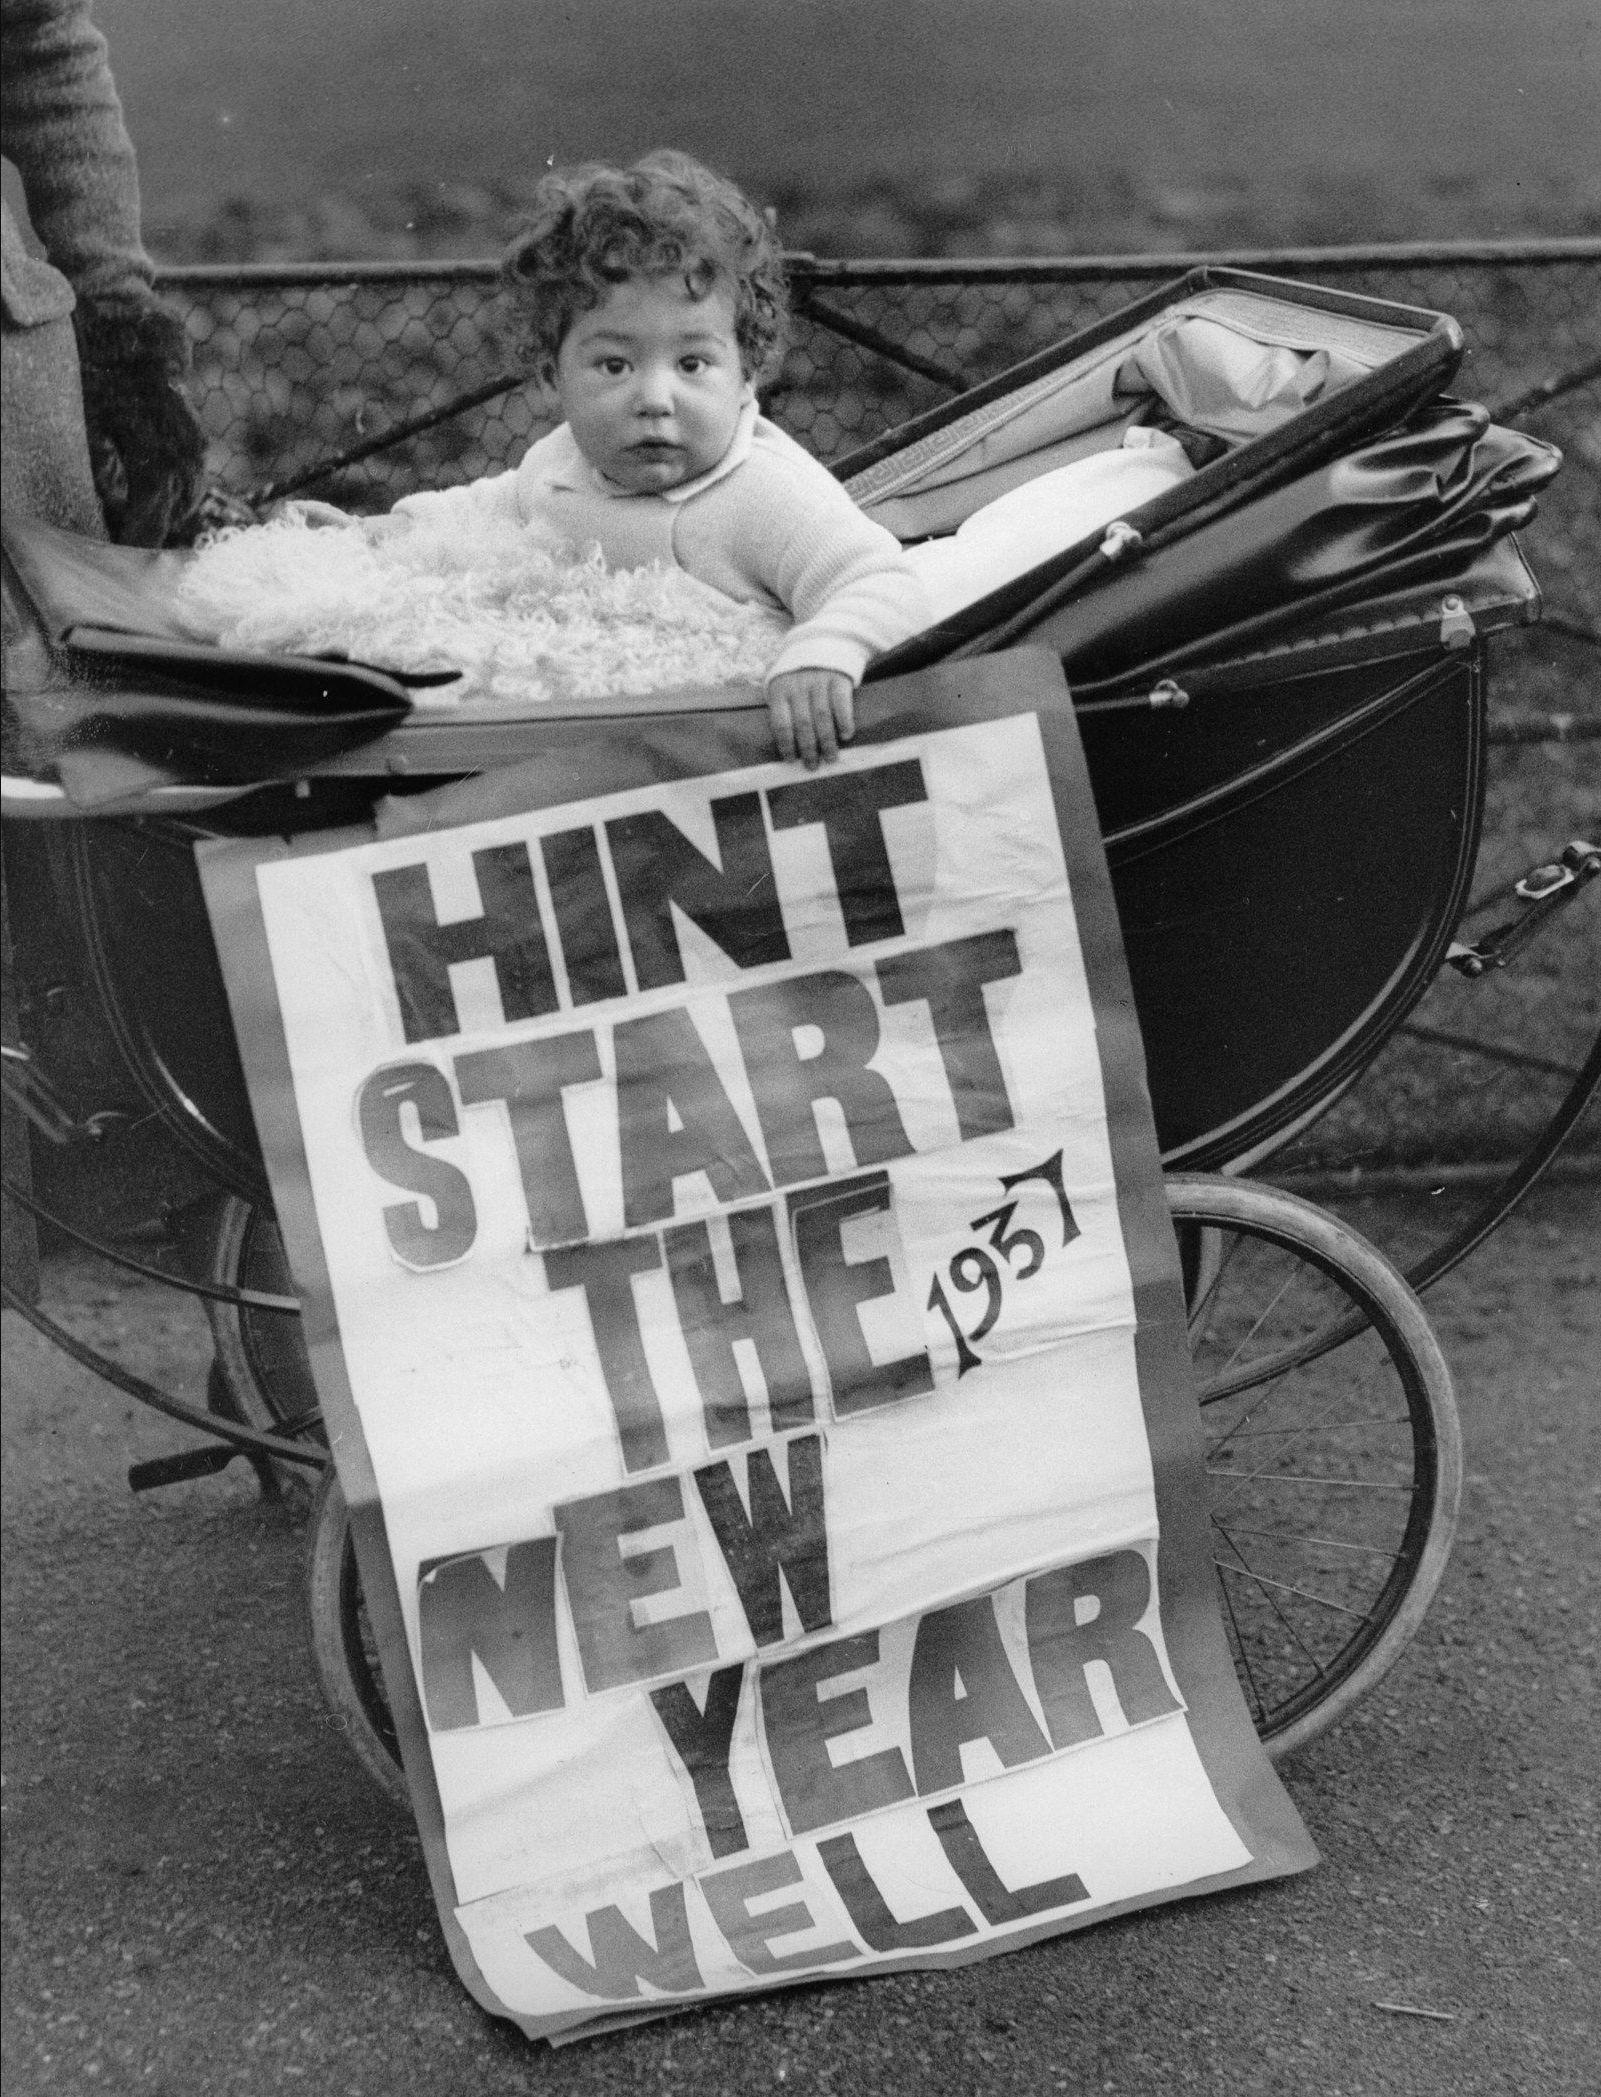 1937. Ребенок в своем багги 1 января держит плакат с полезными советами на новый год..jpg